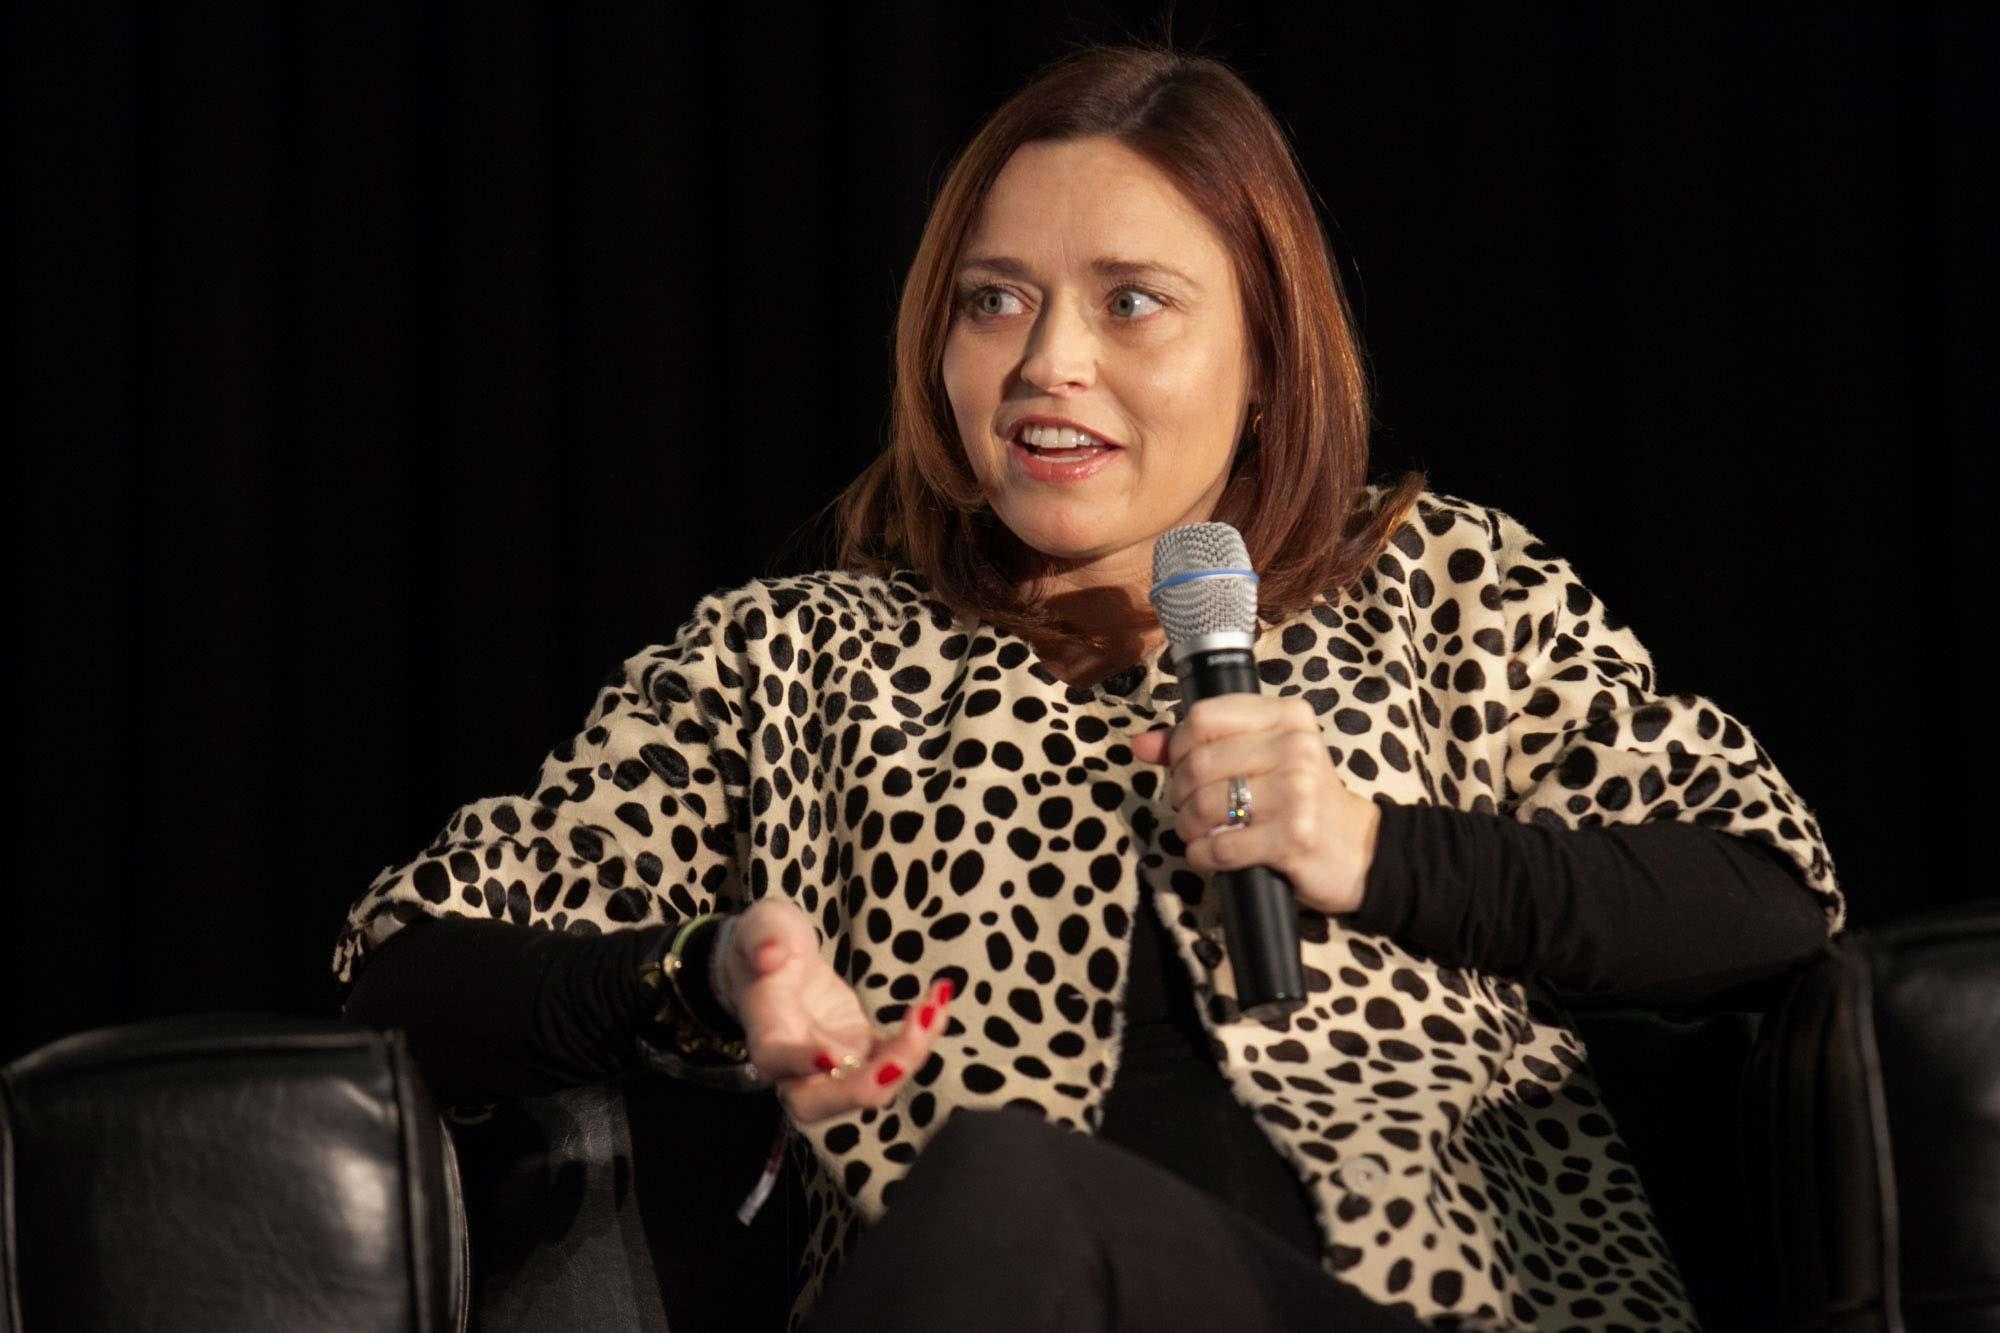 Kirsten Green, Forerunner Ventures, at Startup Grind 2014